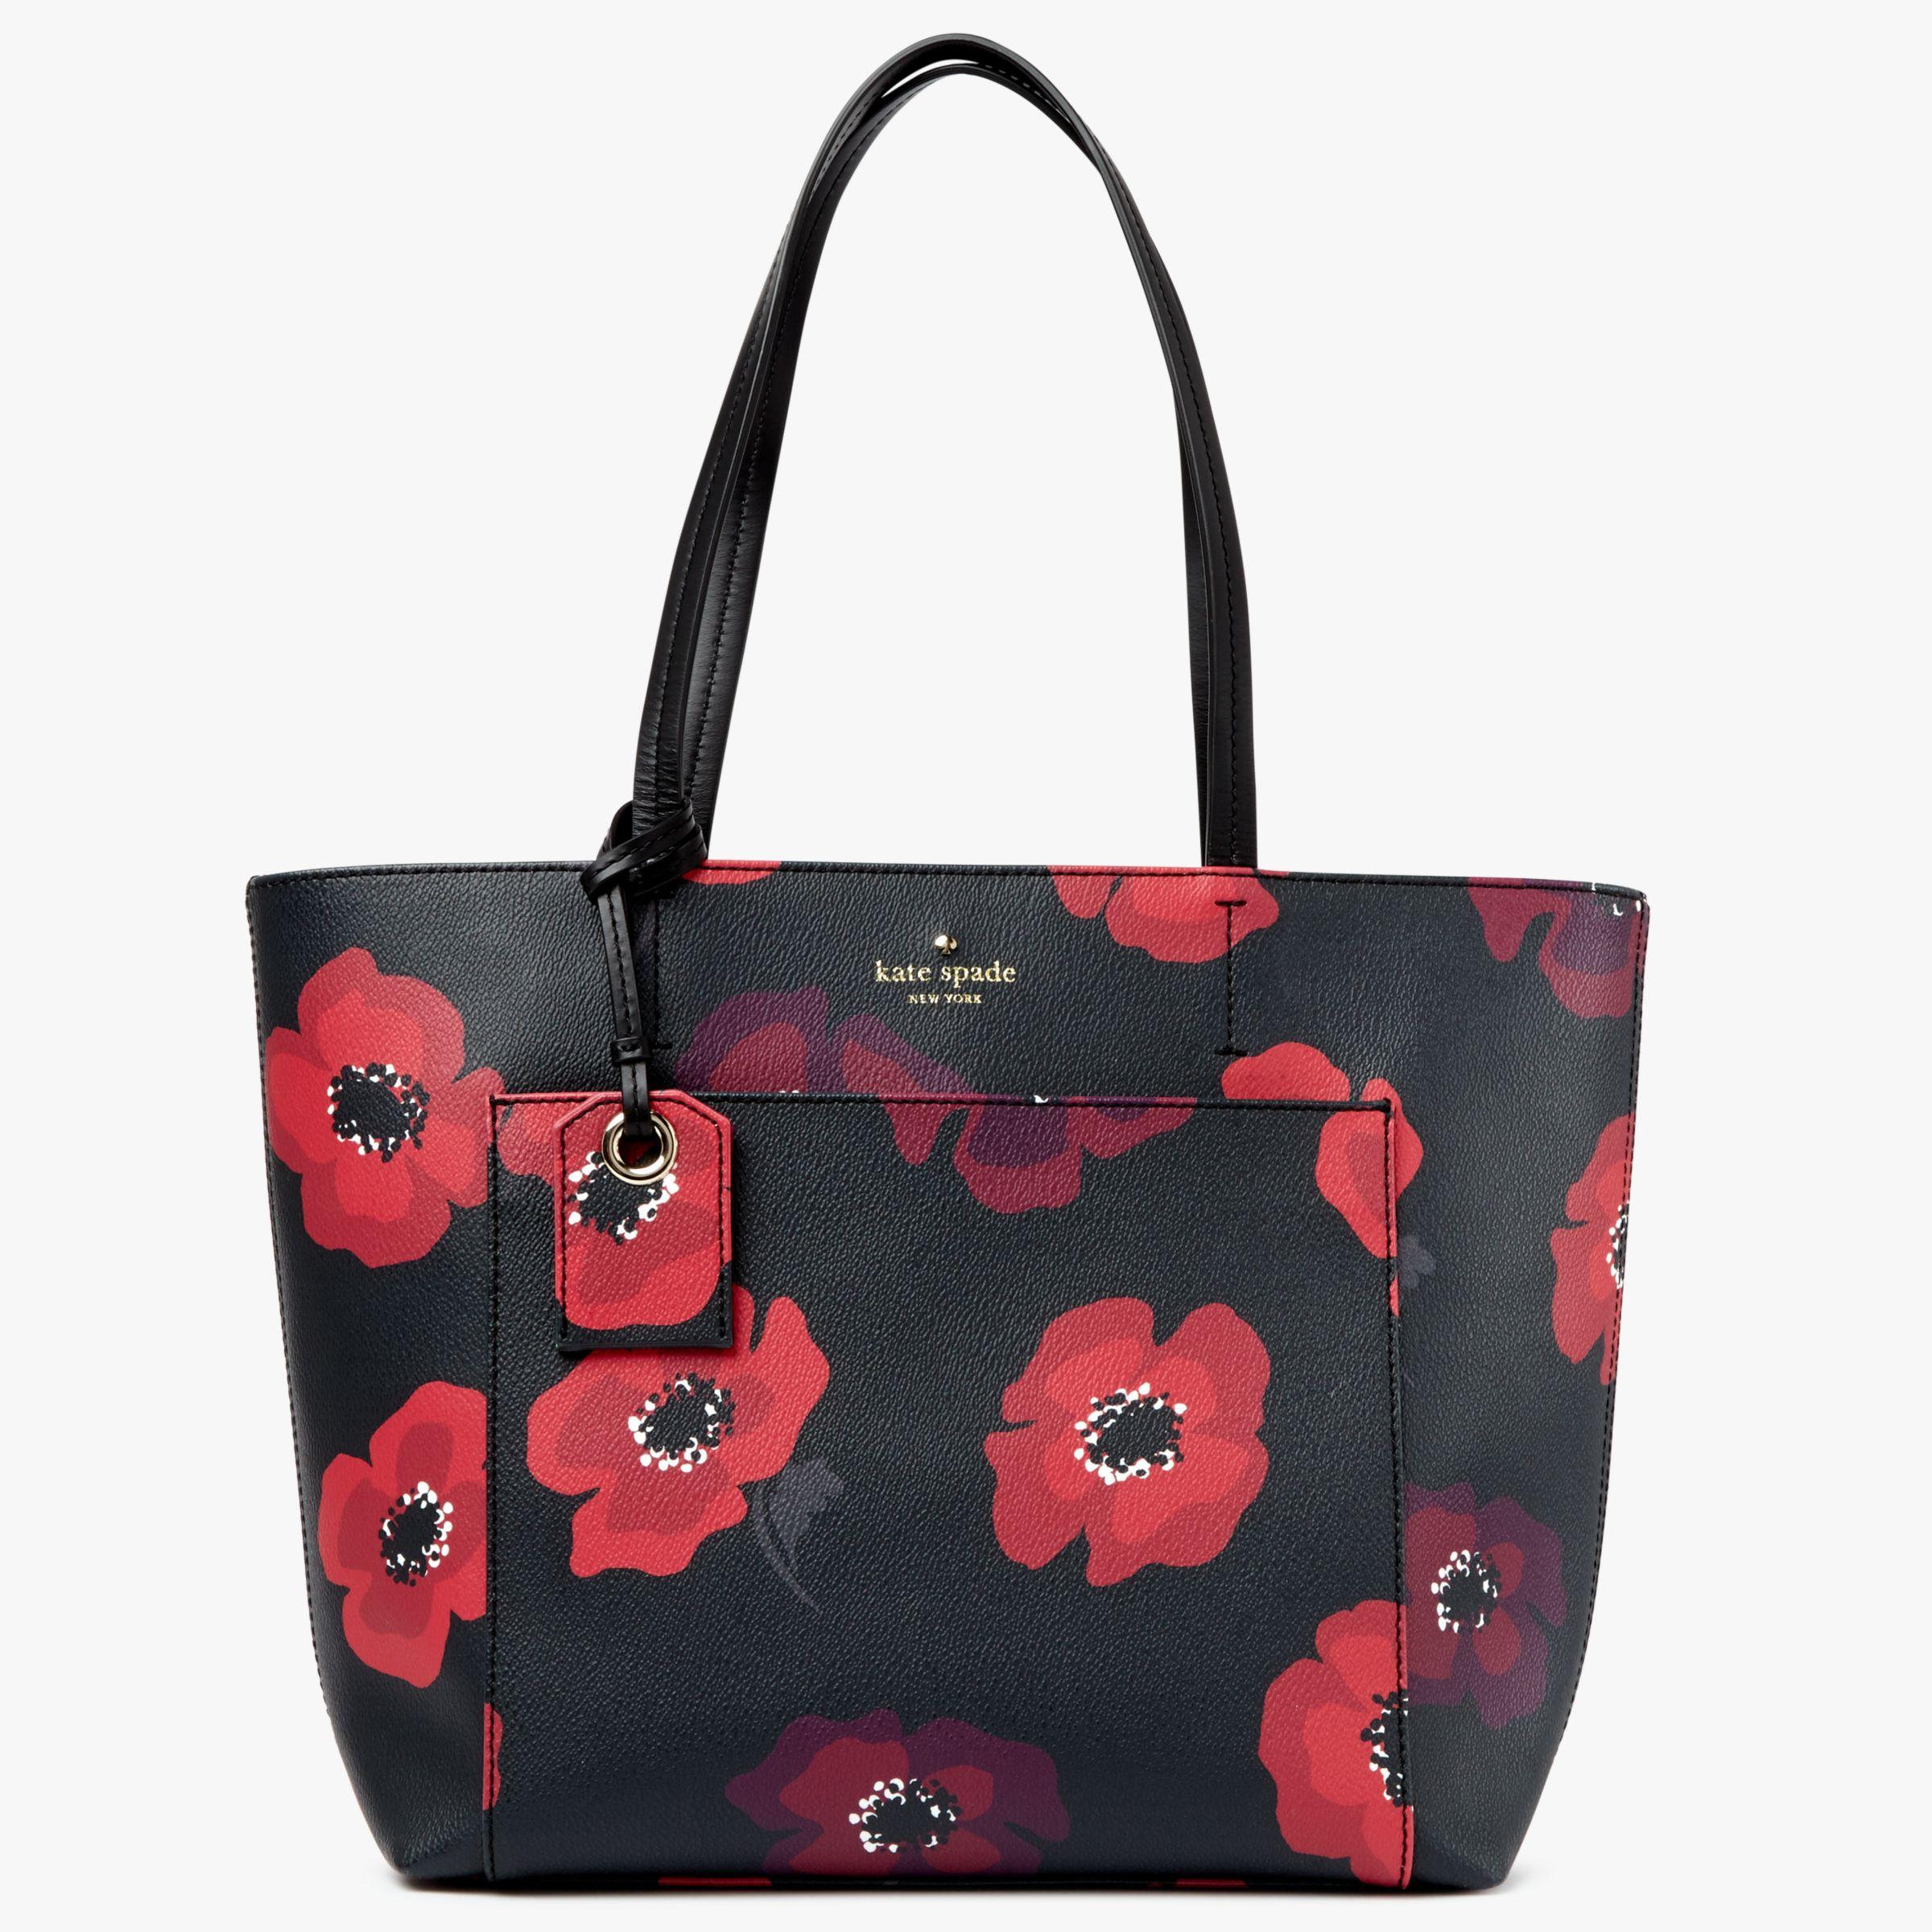 2ec22baba3b Kate Spade Red Poppy Bag